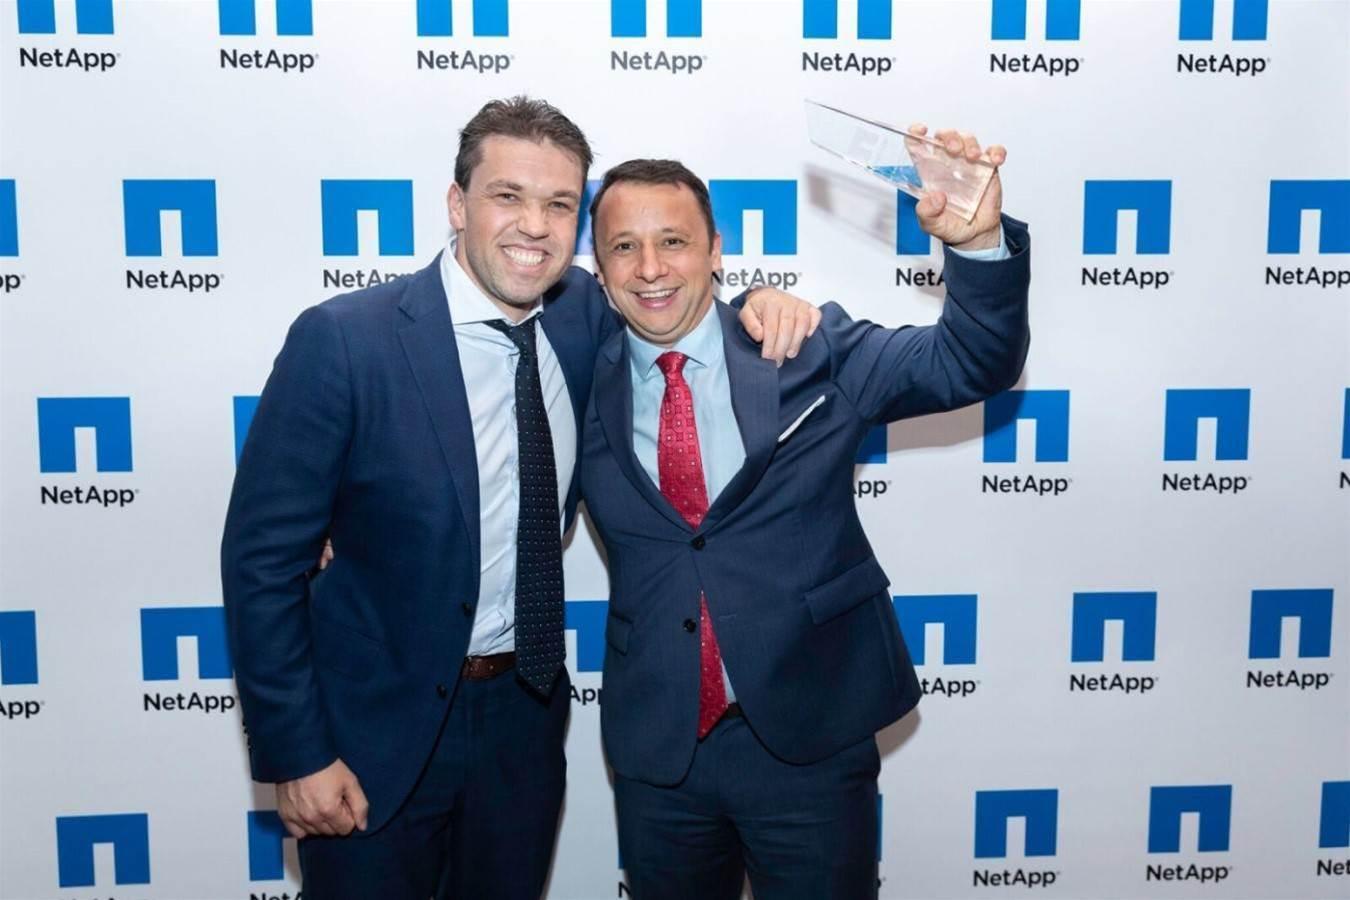 NetApp's finest hoist Partner of the Year prizes